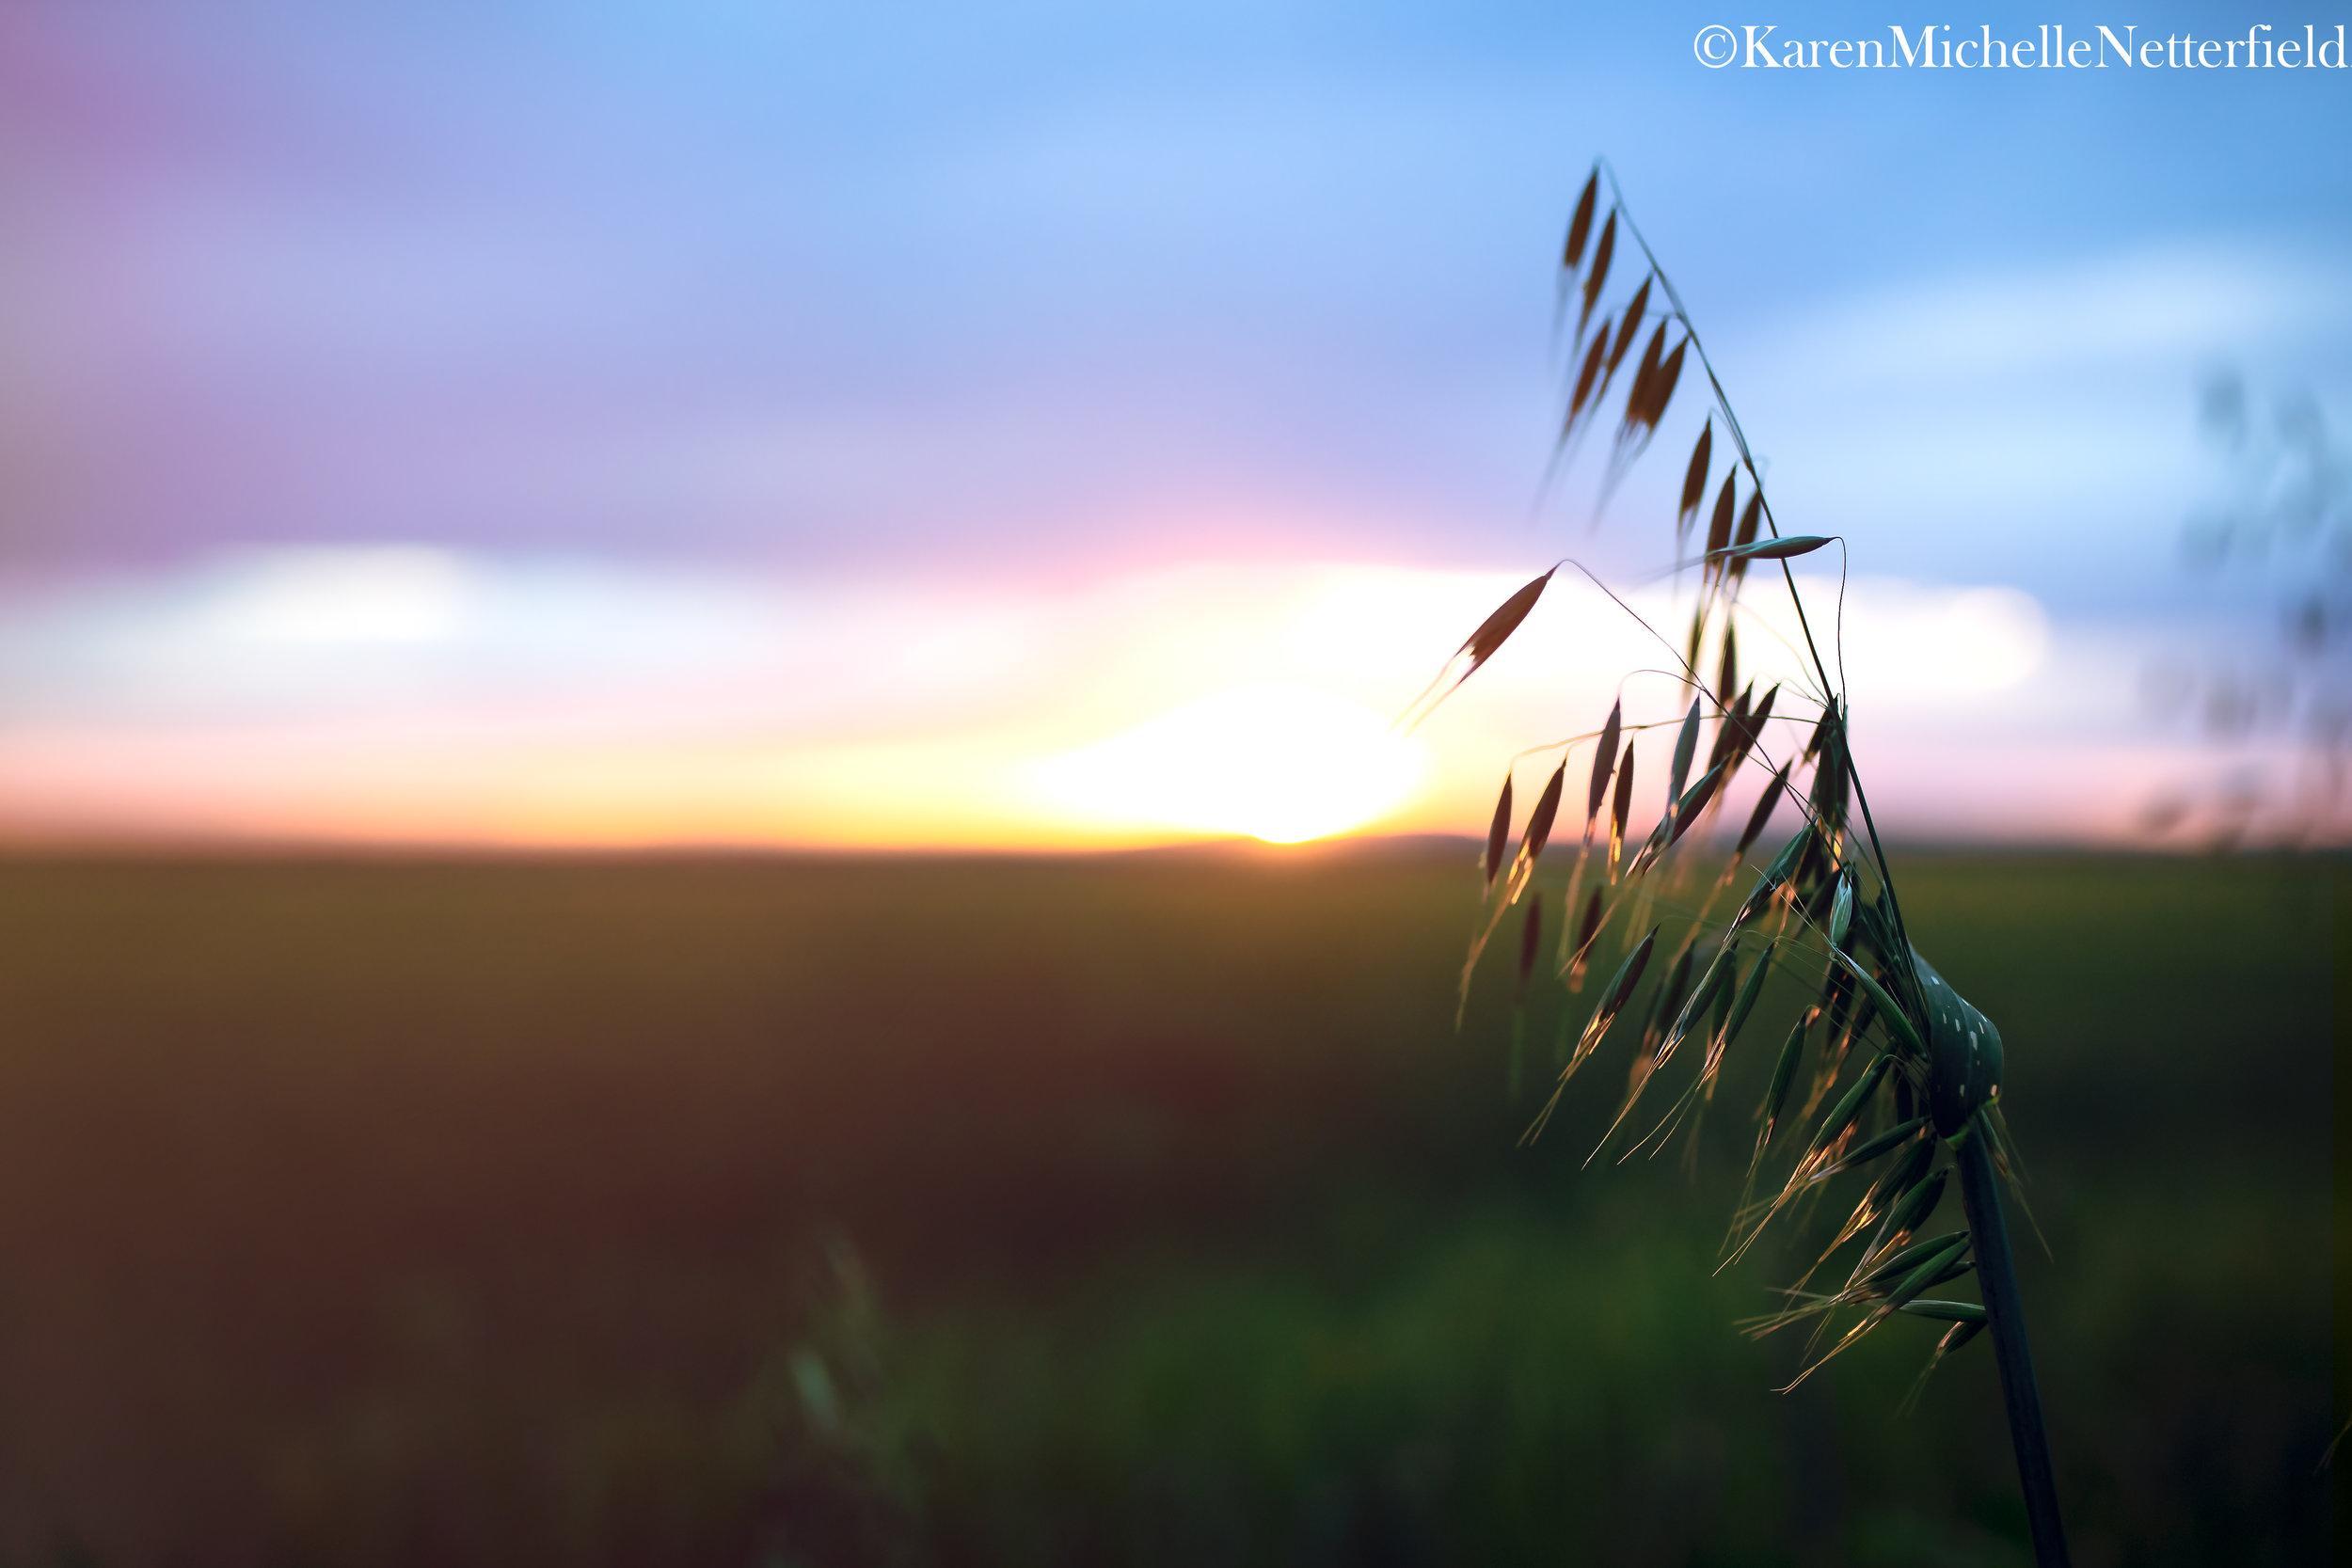 WheatIdahoII©KarenMichelleNetterfield2019.jpg